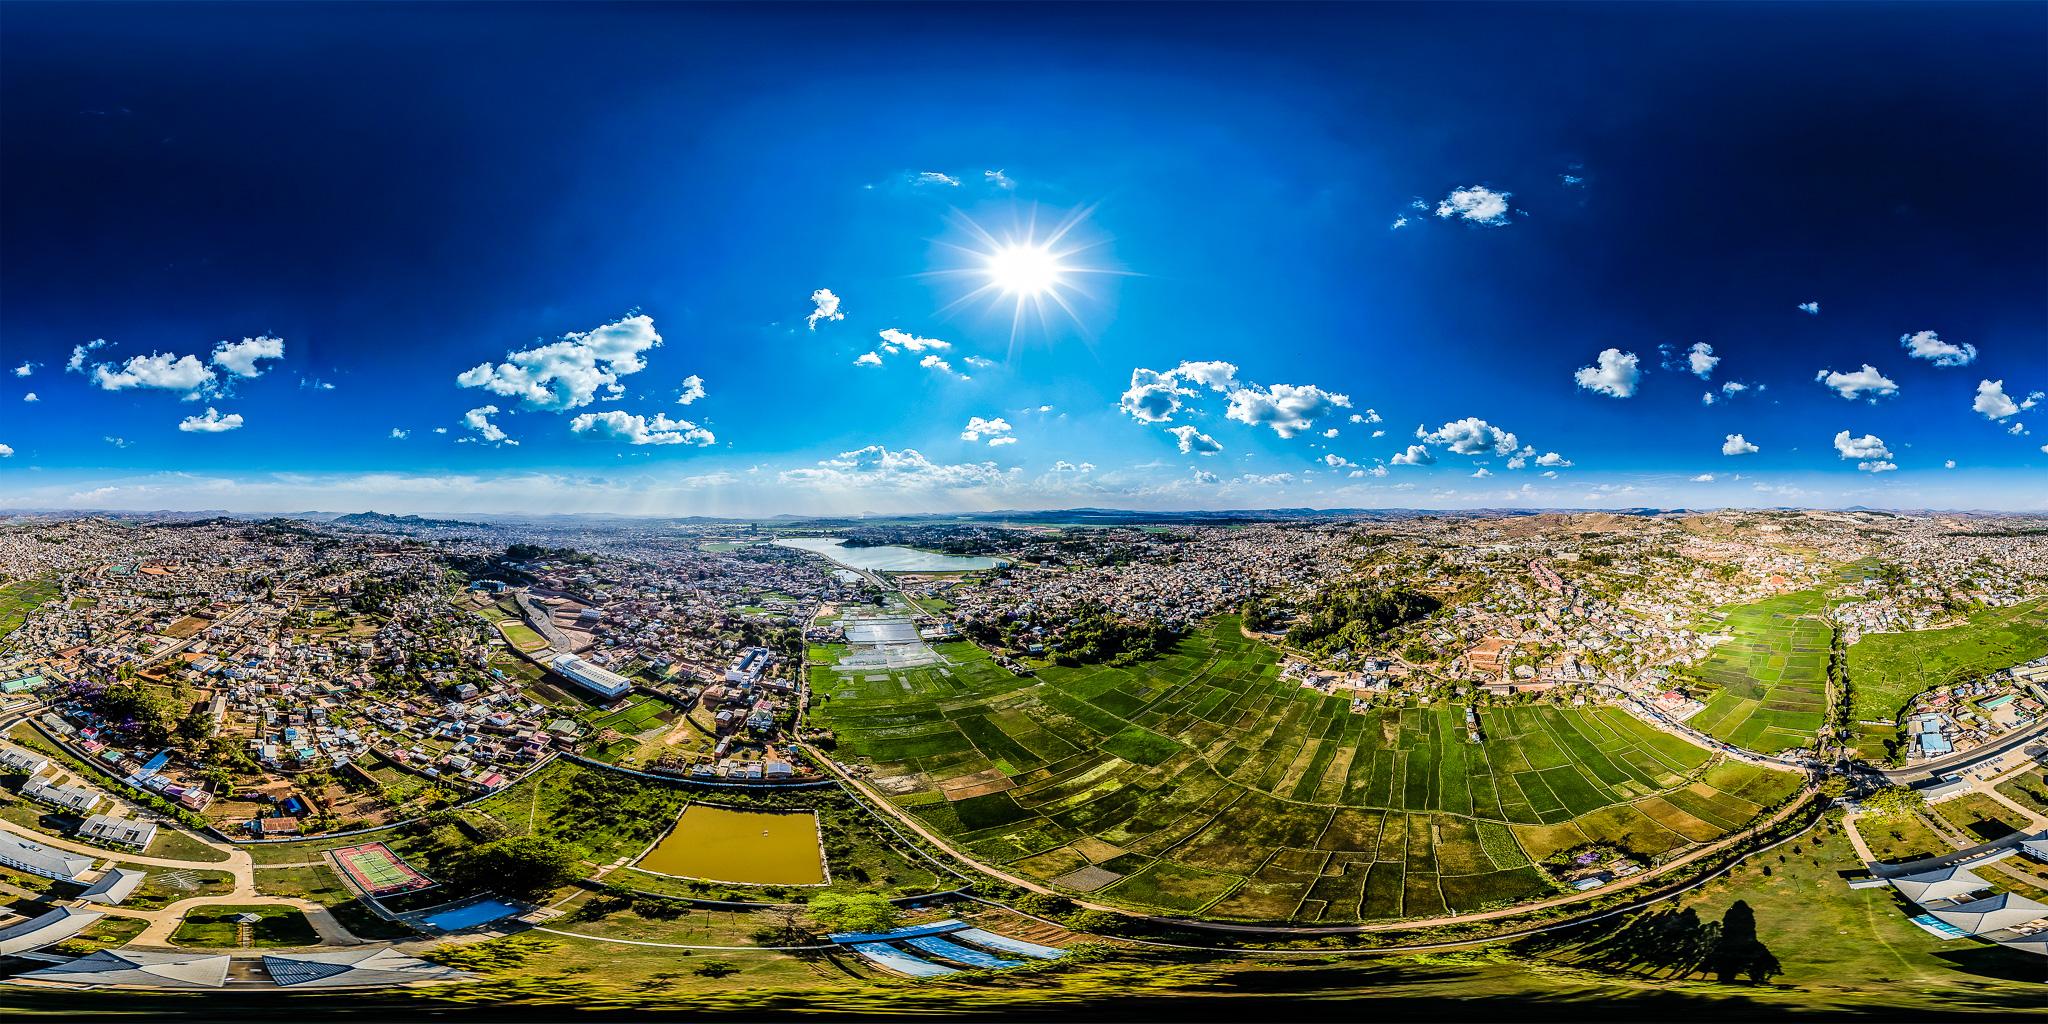 360x180° Panorama